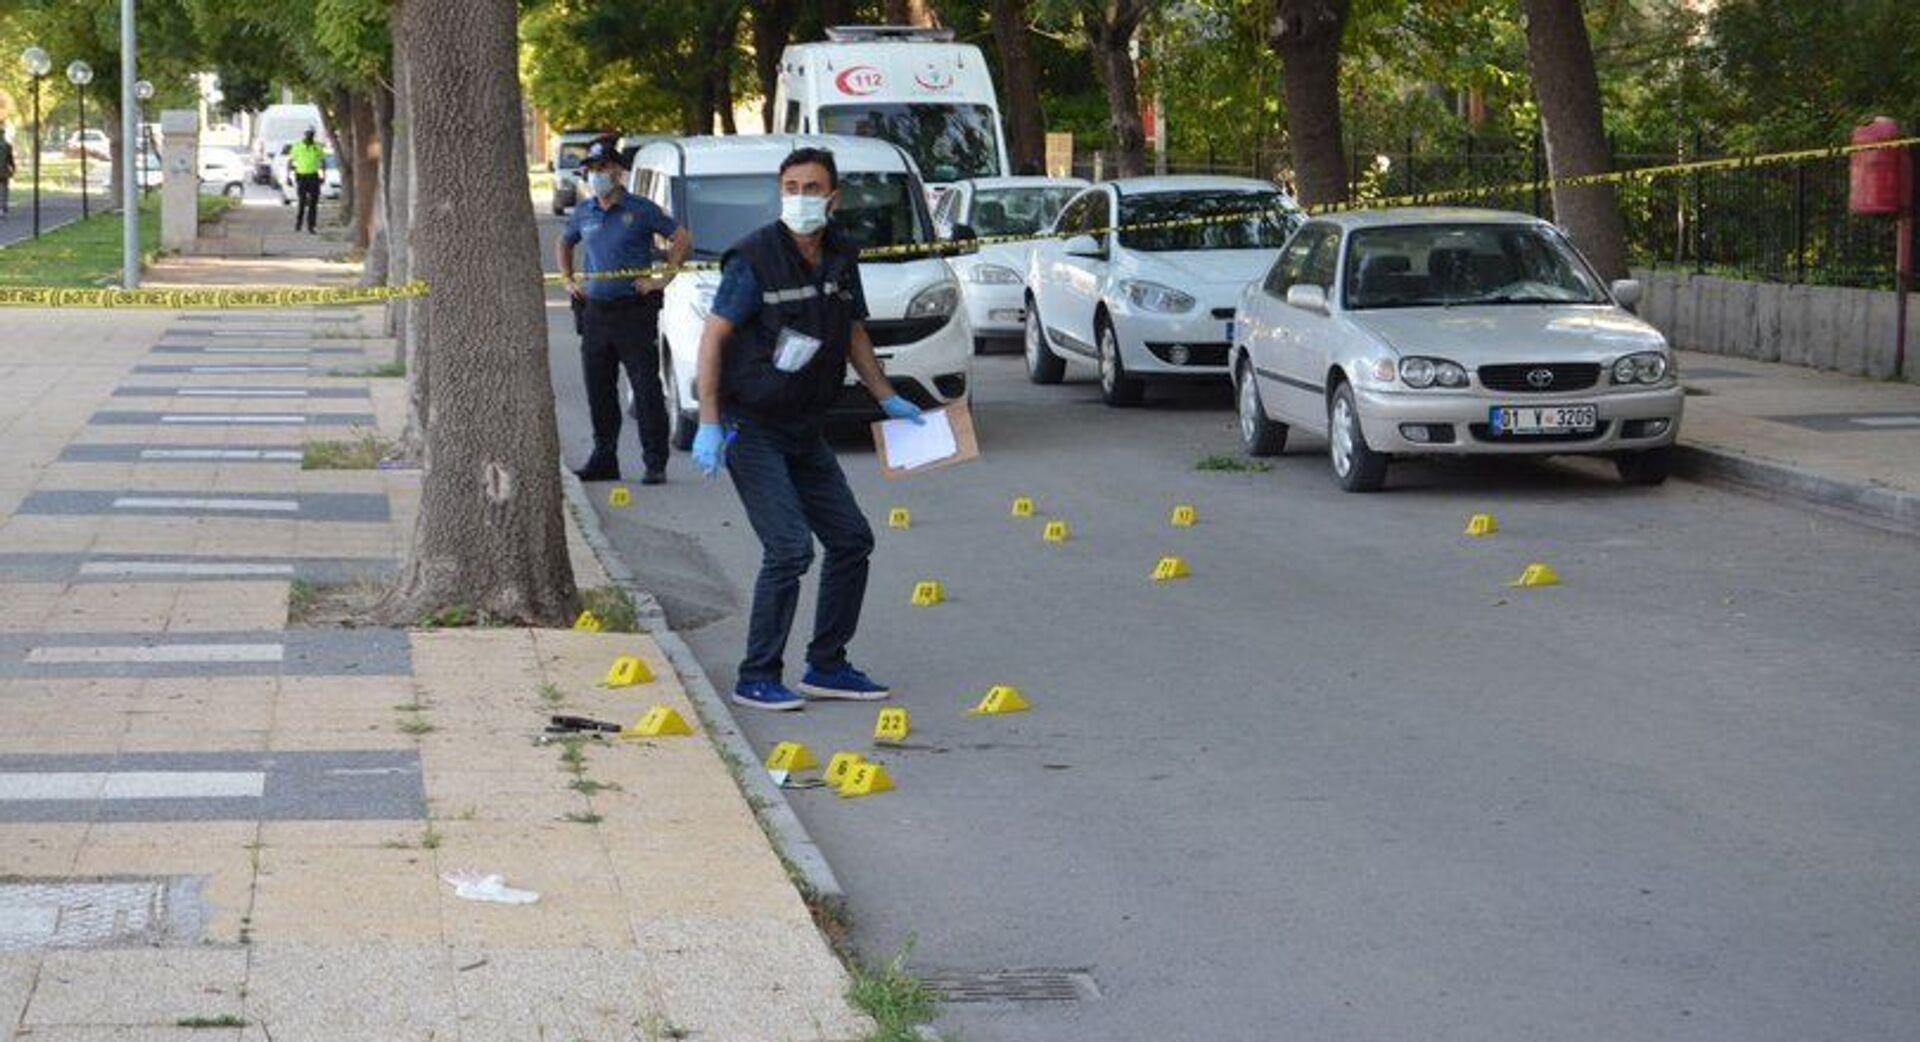 Eşini sokak ortasında öldüren adam, polisle çıkan çatışmada hayatını kaybetti - Sputnik Türkiye, 1920, 24.06.2021